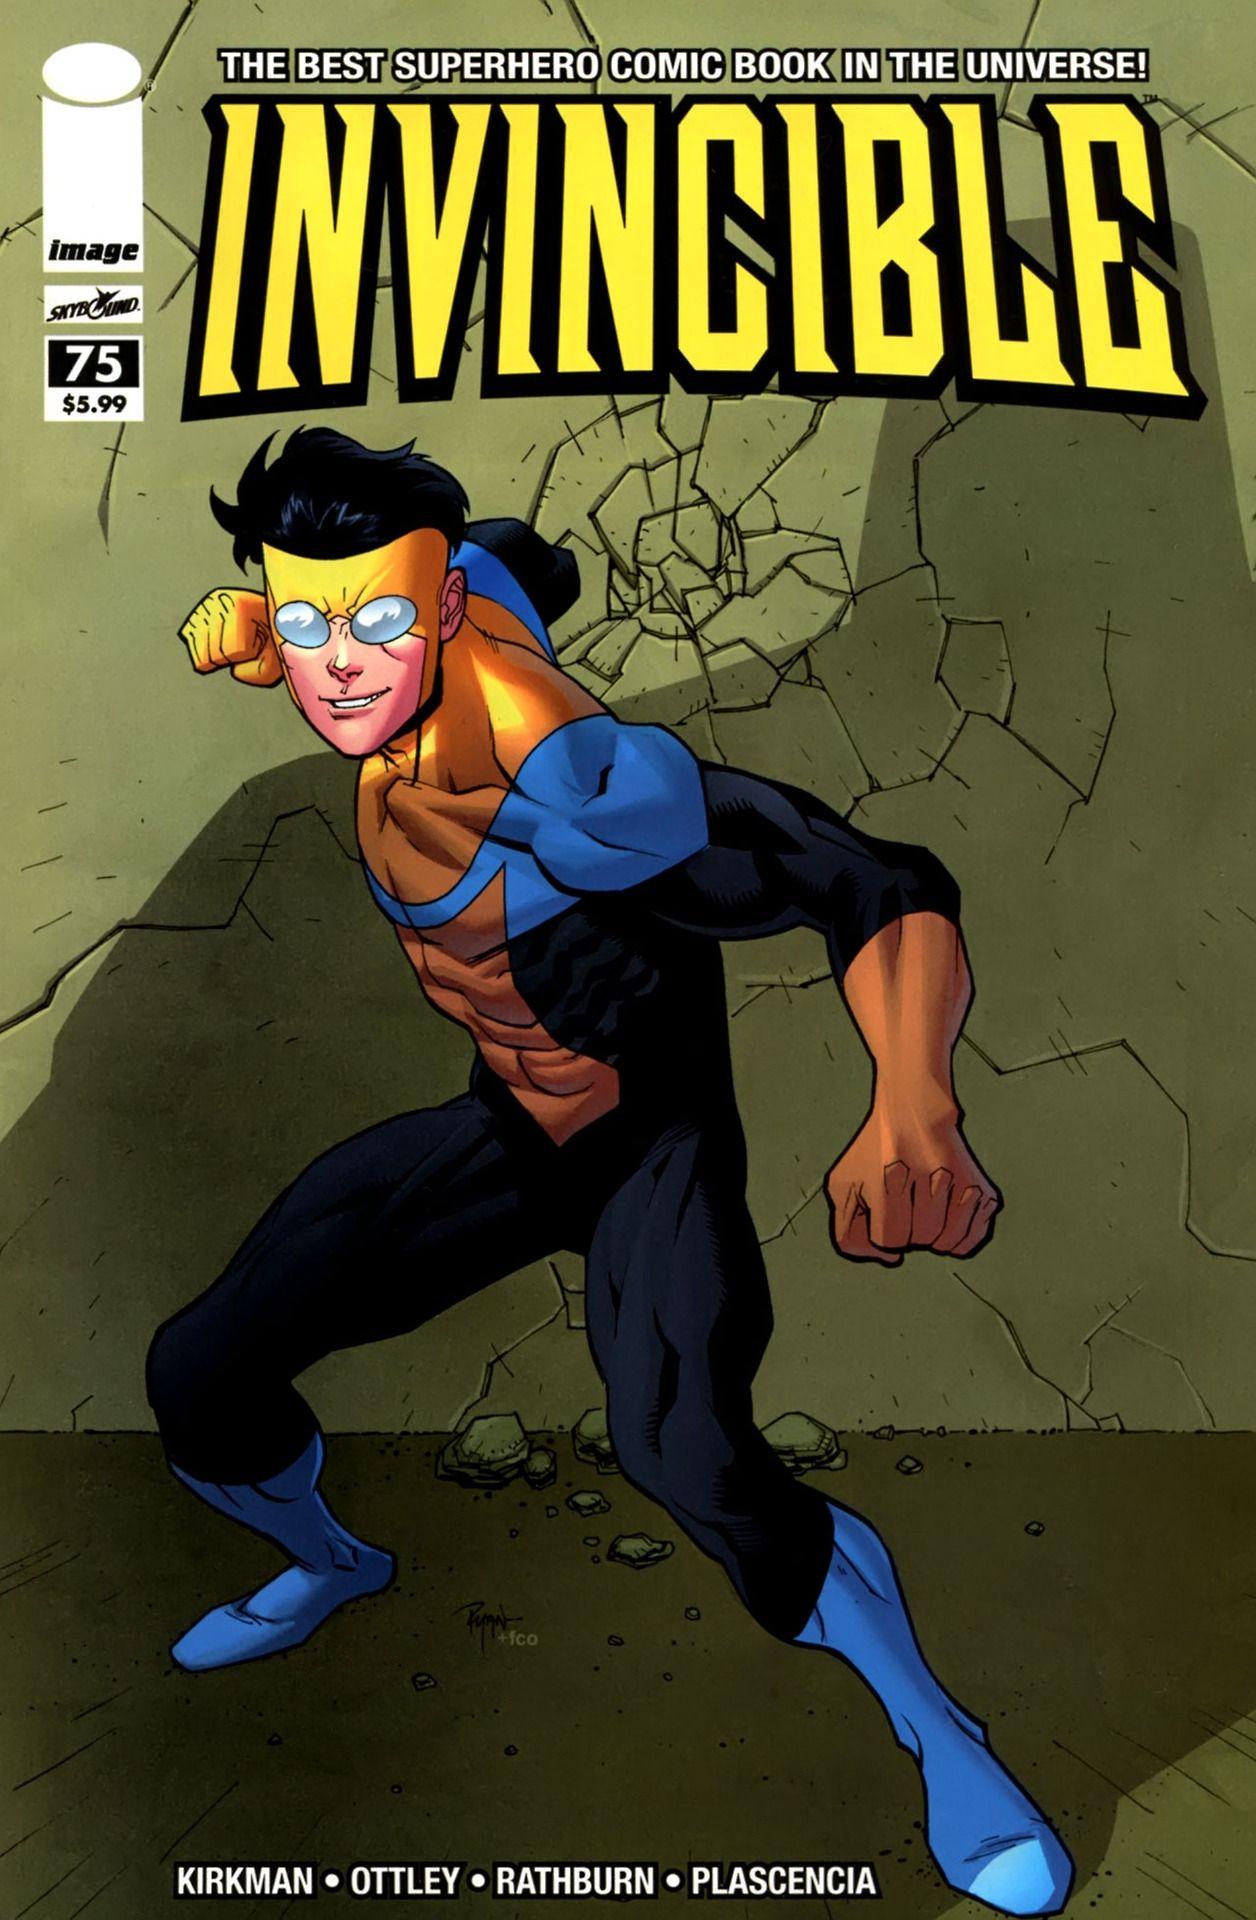 Il fumetto Image / Skybound di Kirkman, Ottley, Rathburn e Plascencia